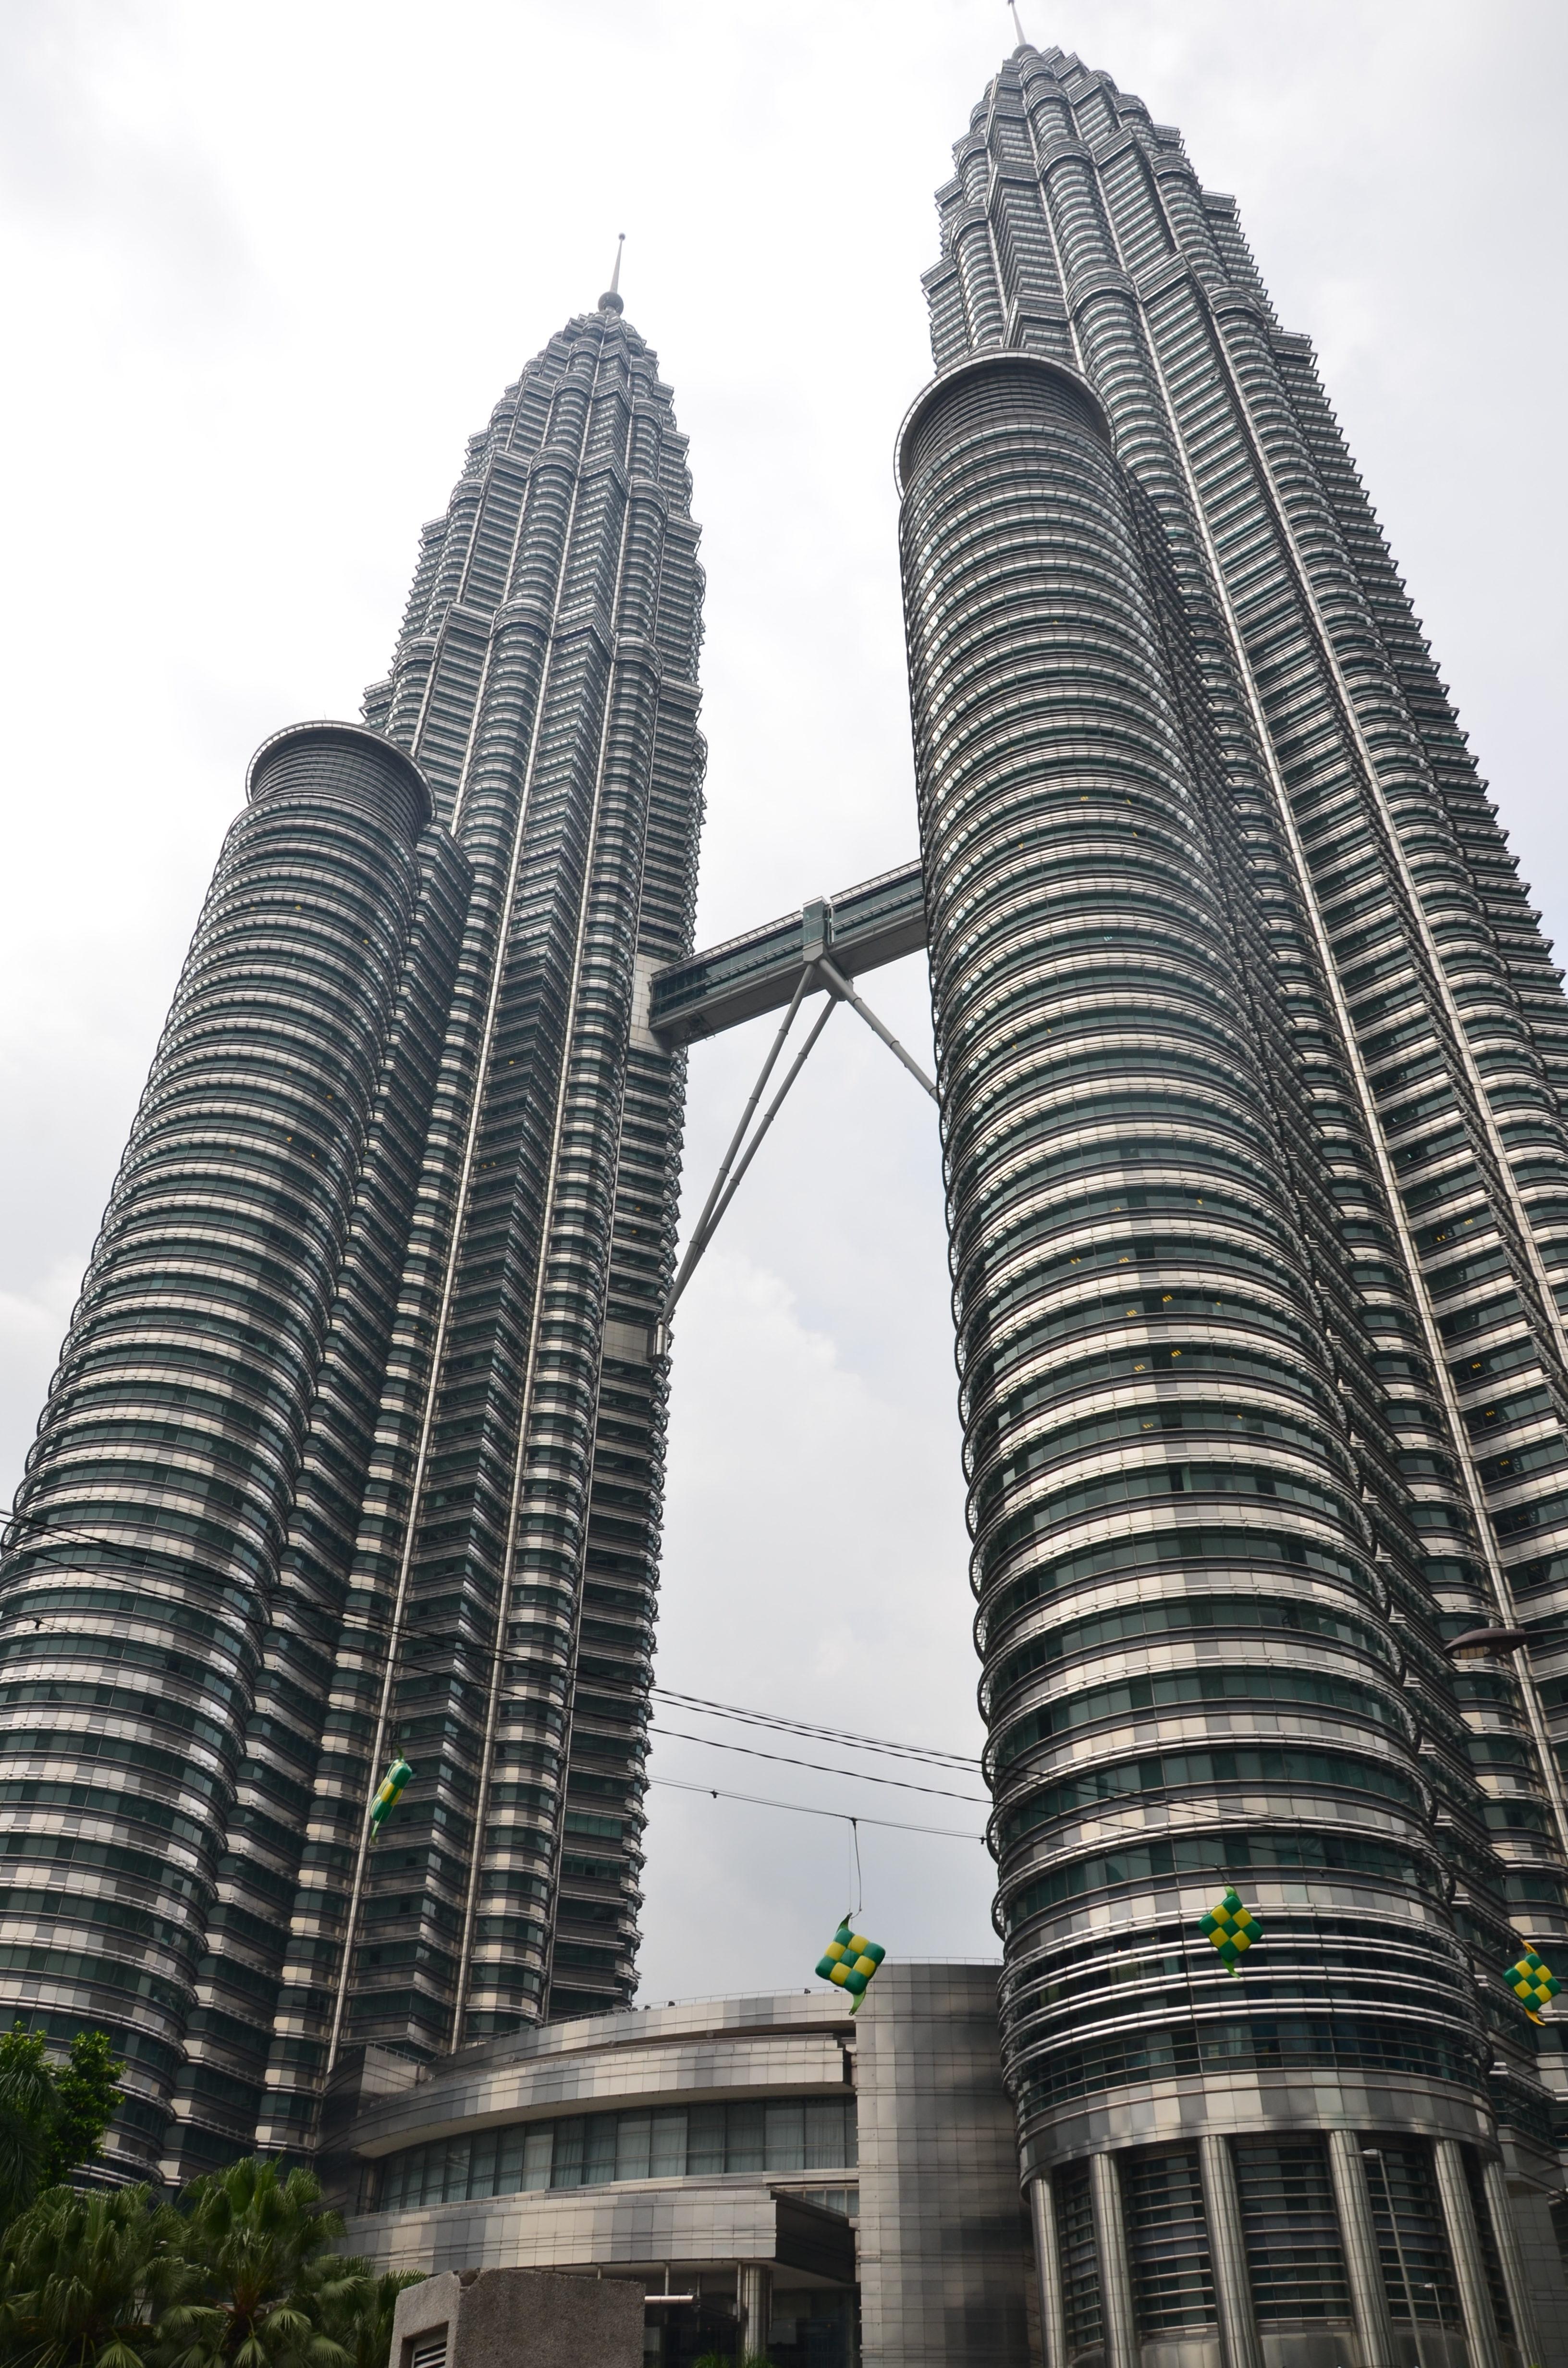 Візитівка Куала-Лумпур - Вежі Петронас